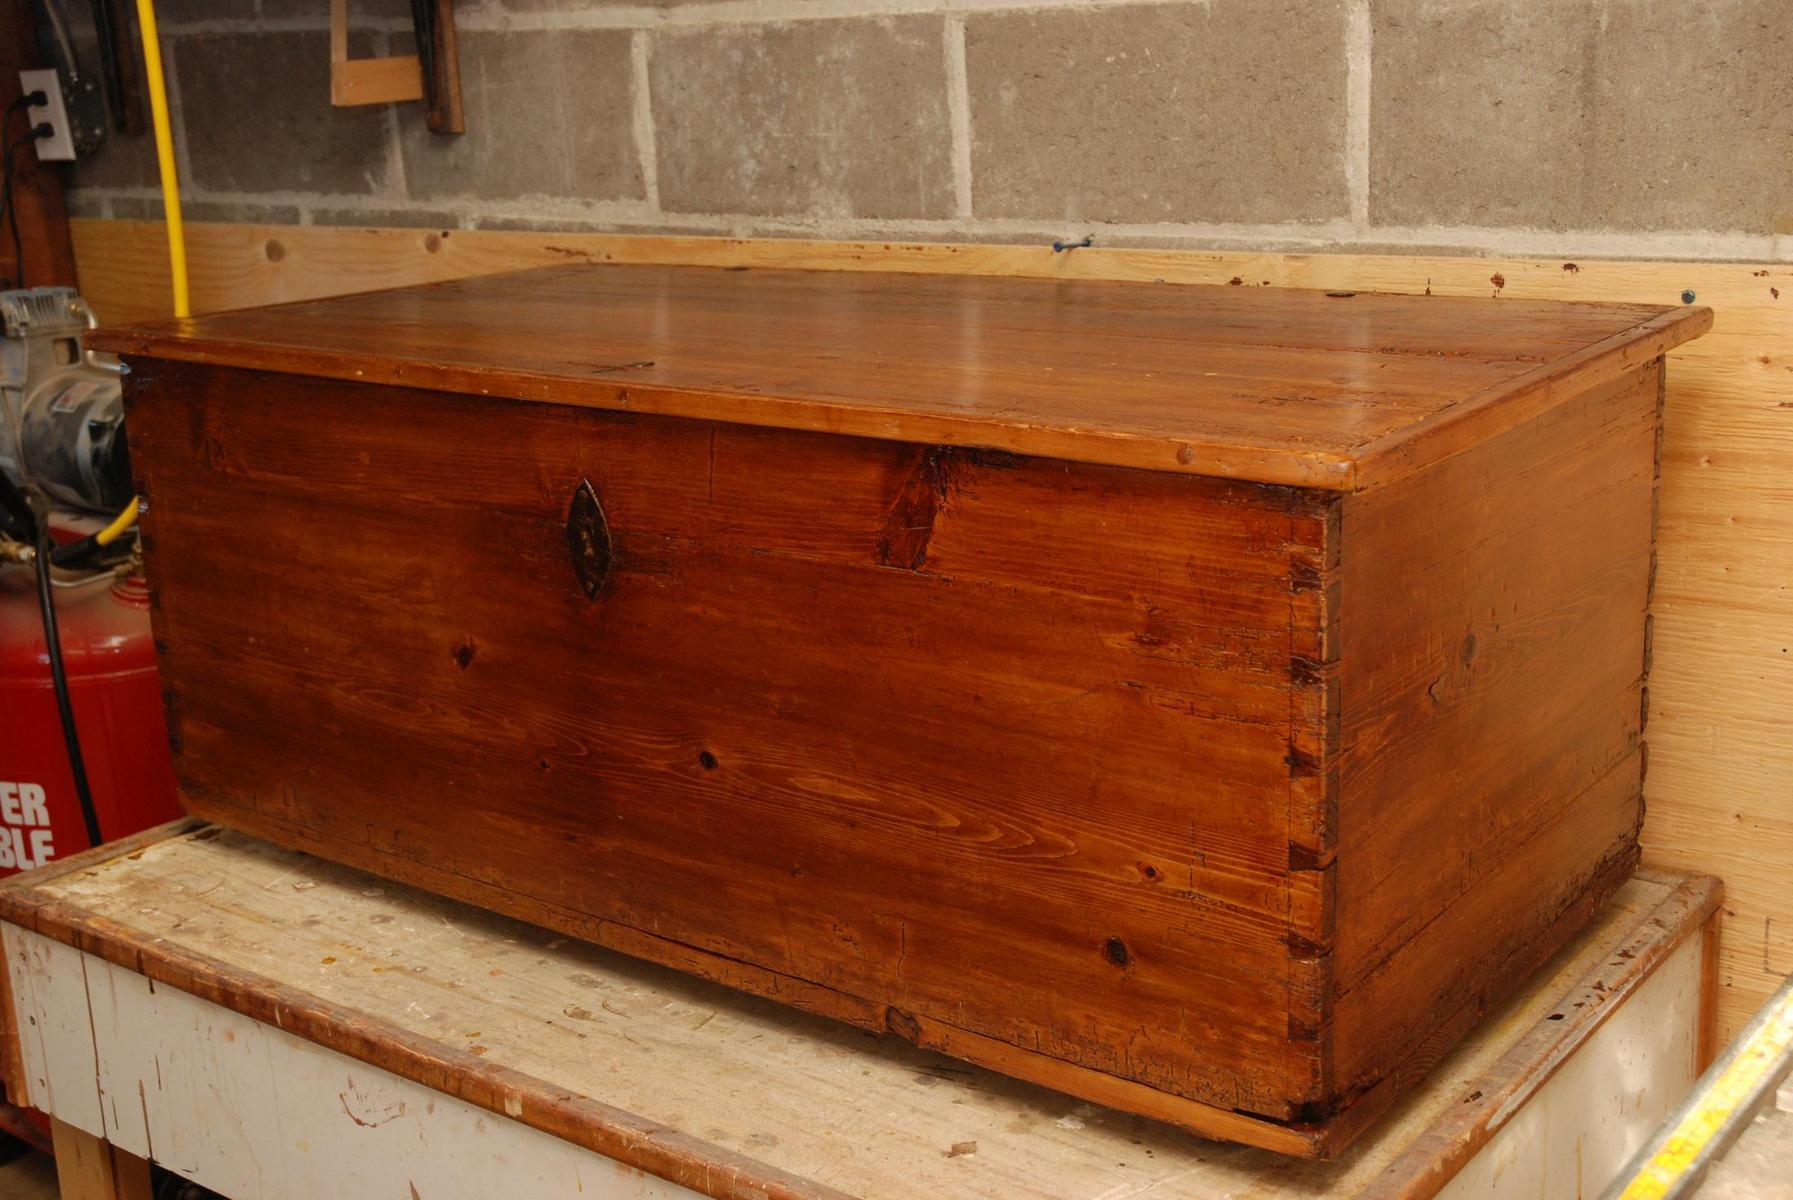 Vieux coffre - Coffre en bois a peindre ...